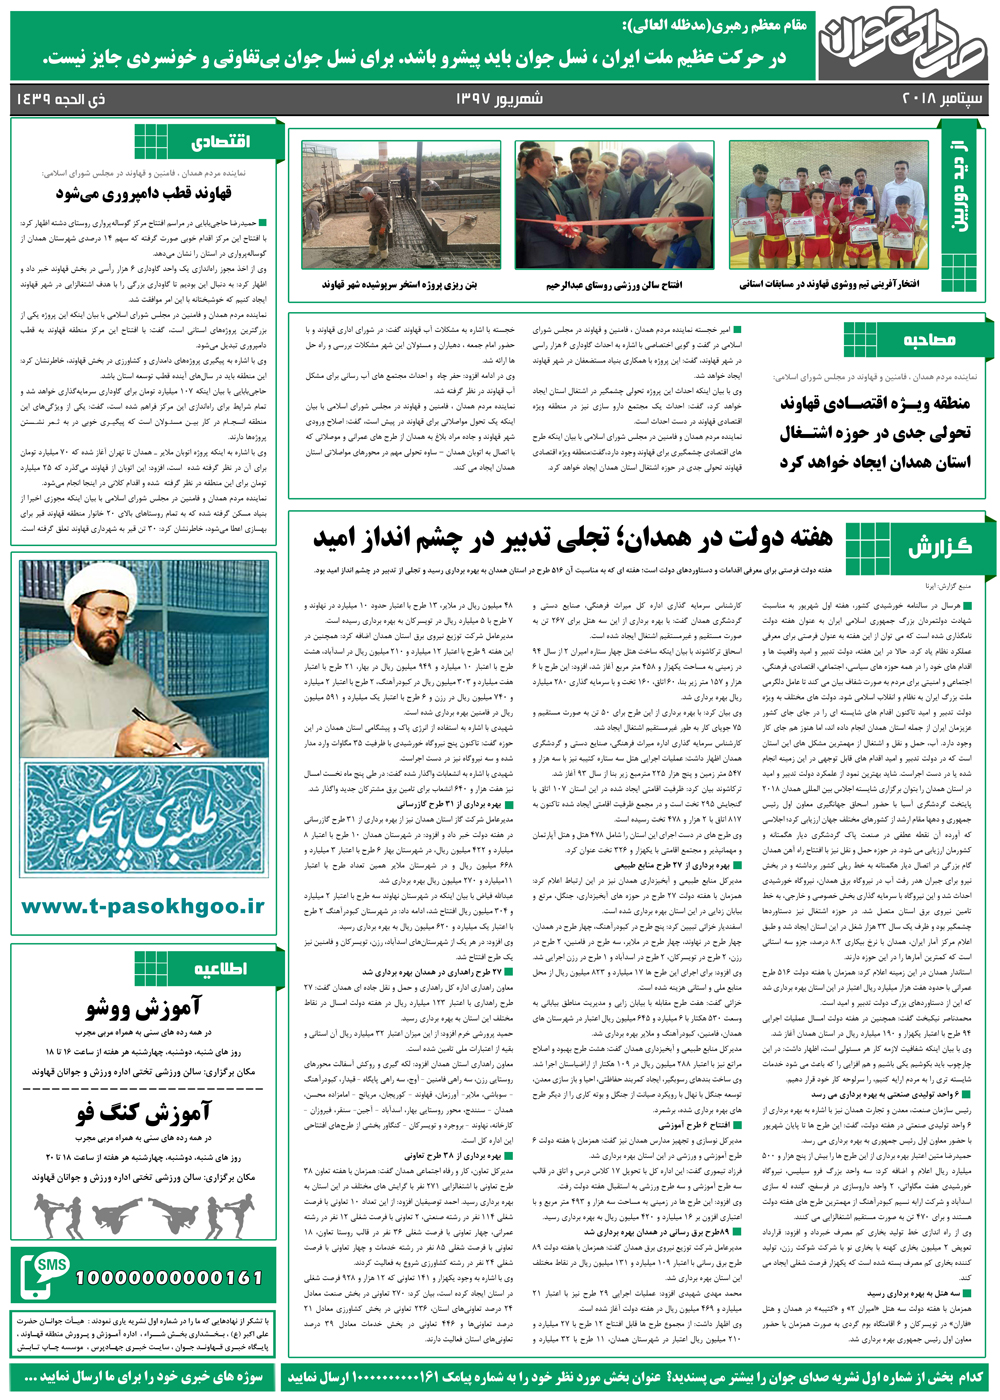 صفحه دوم شماره اول نشریه صدای جوان